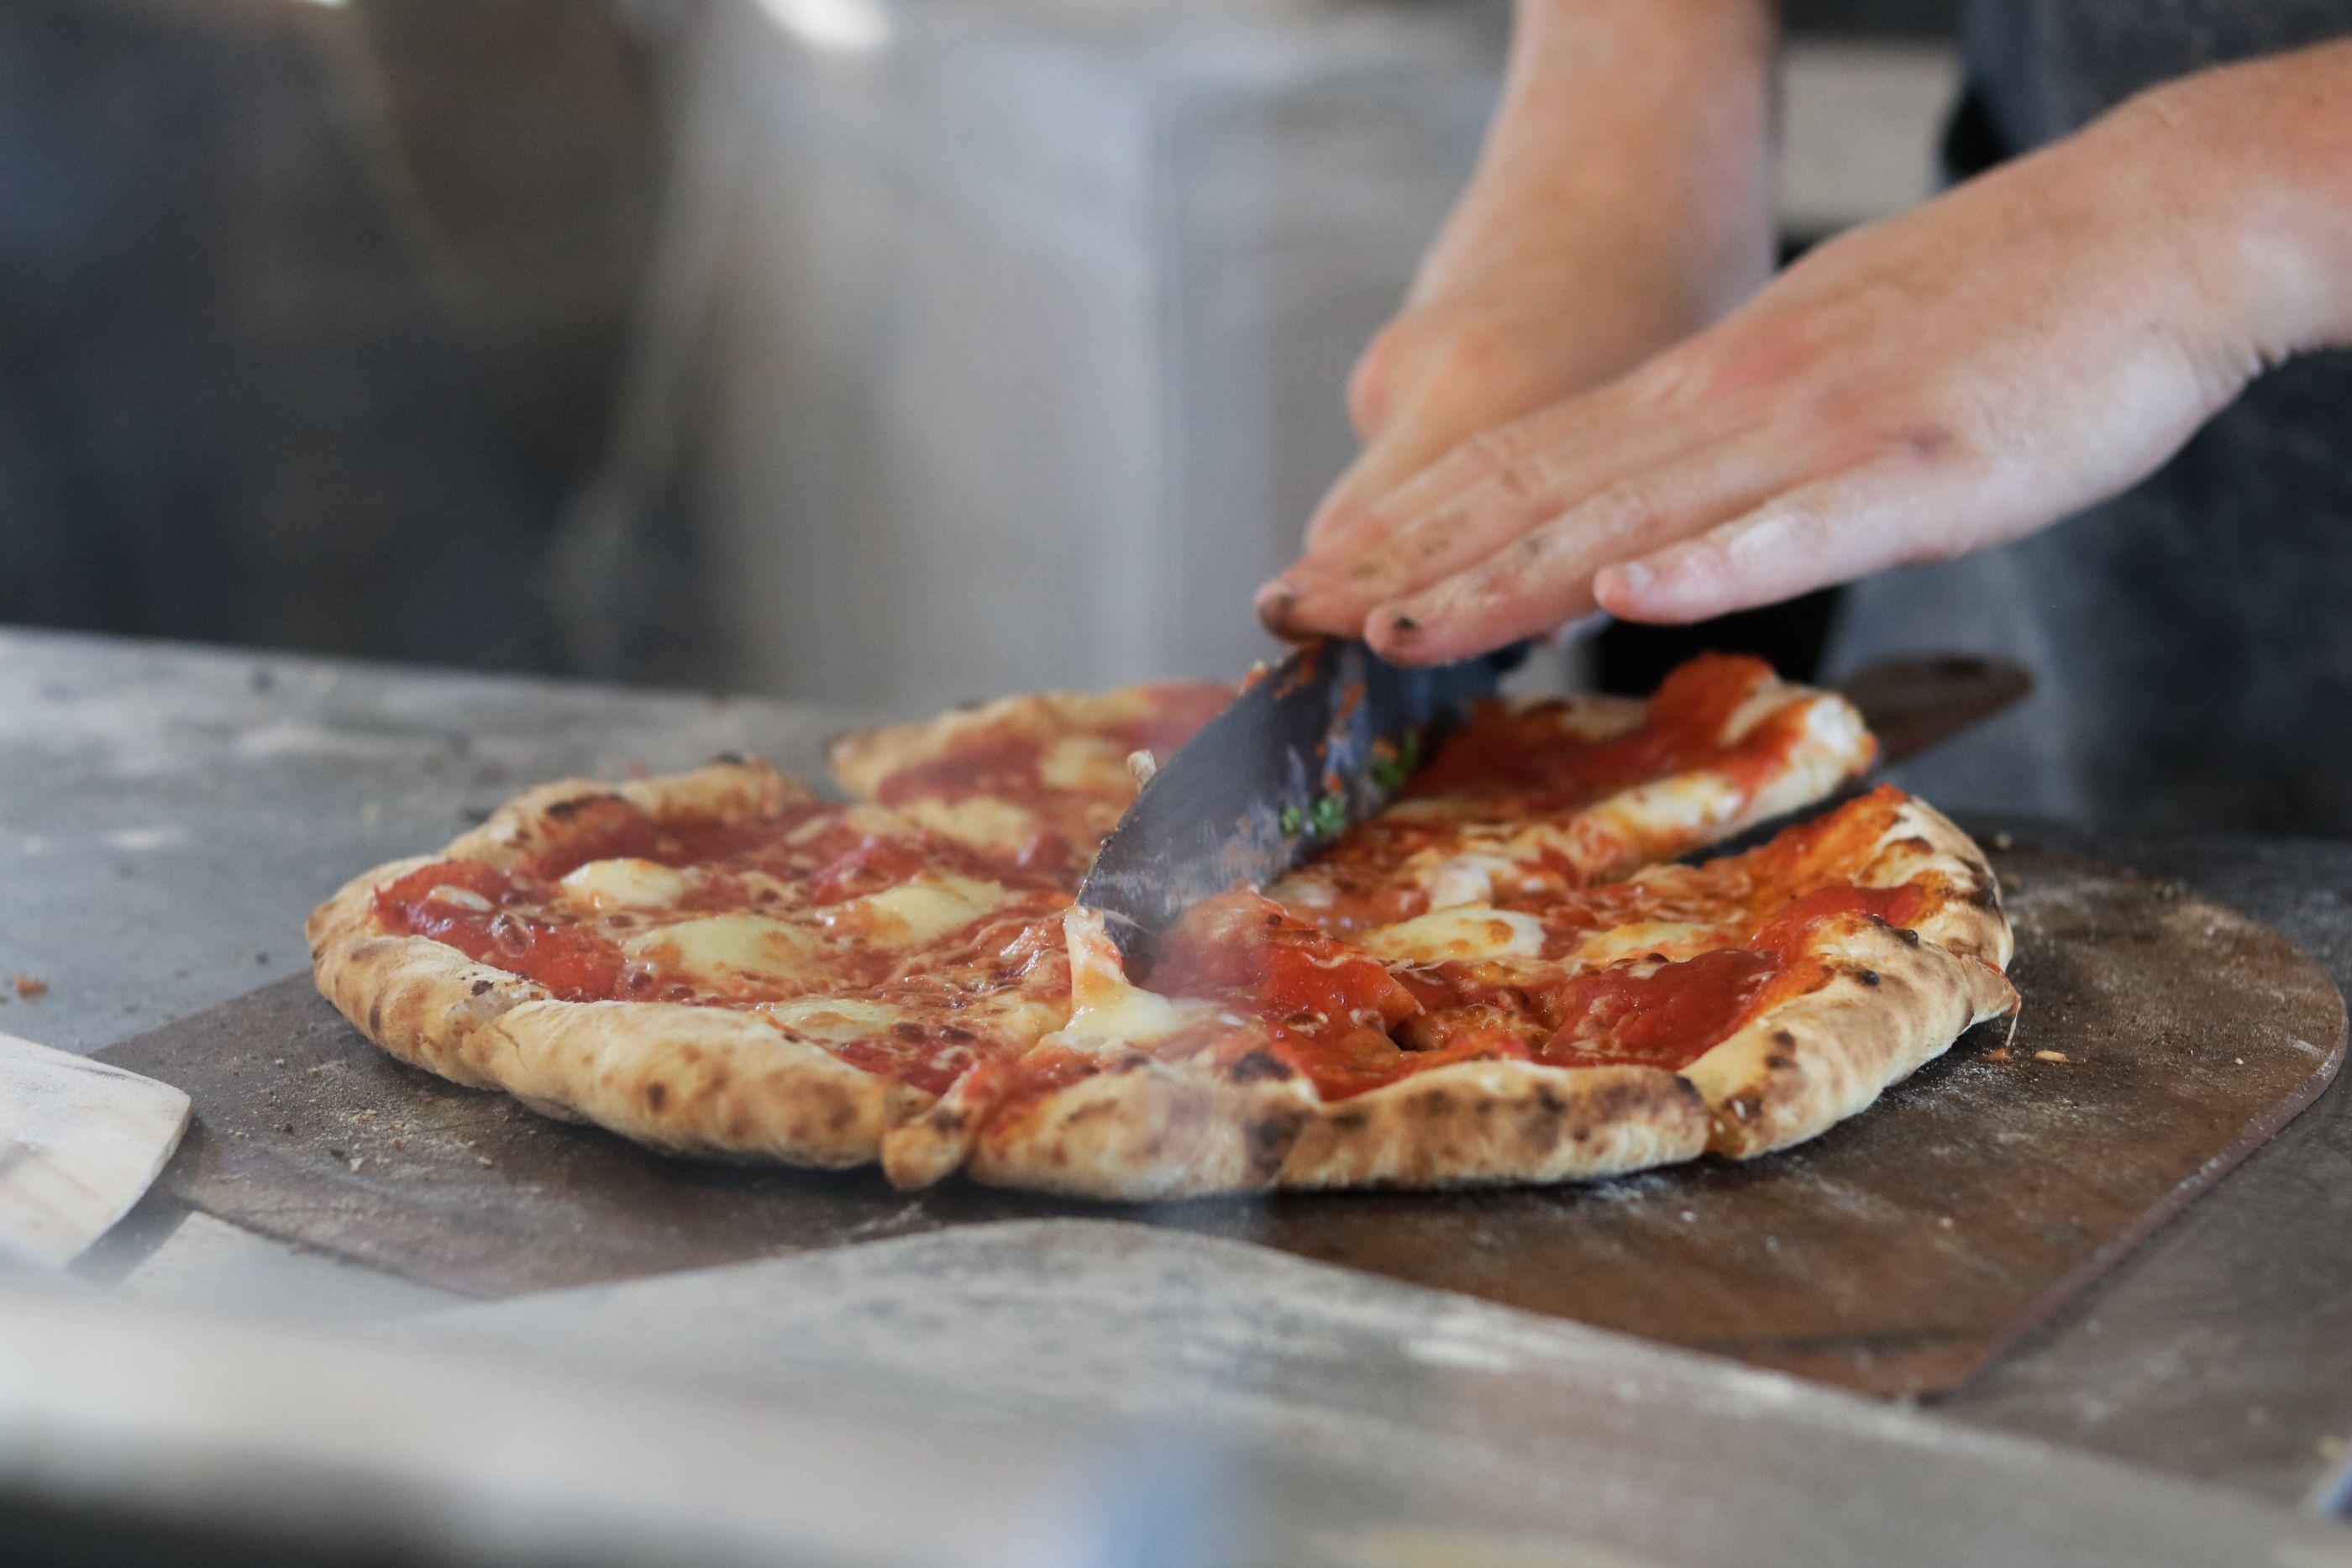 5 restaurantes que envían kits para que prepares tu propia pizza en casa (el resultado es delicioso)